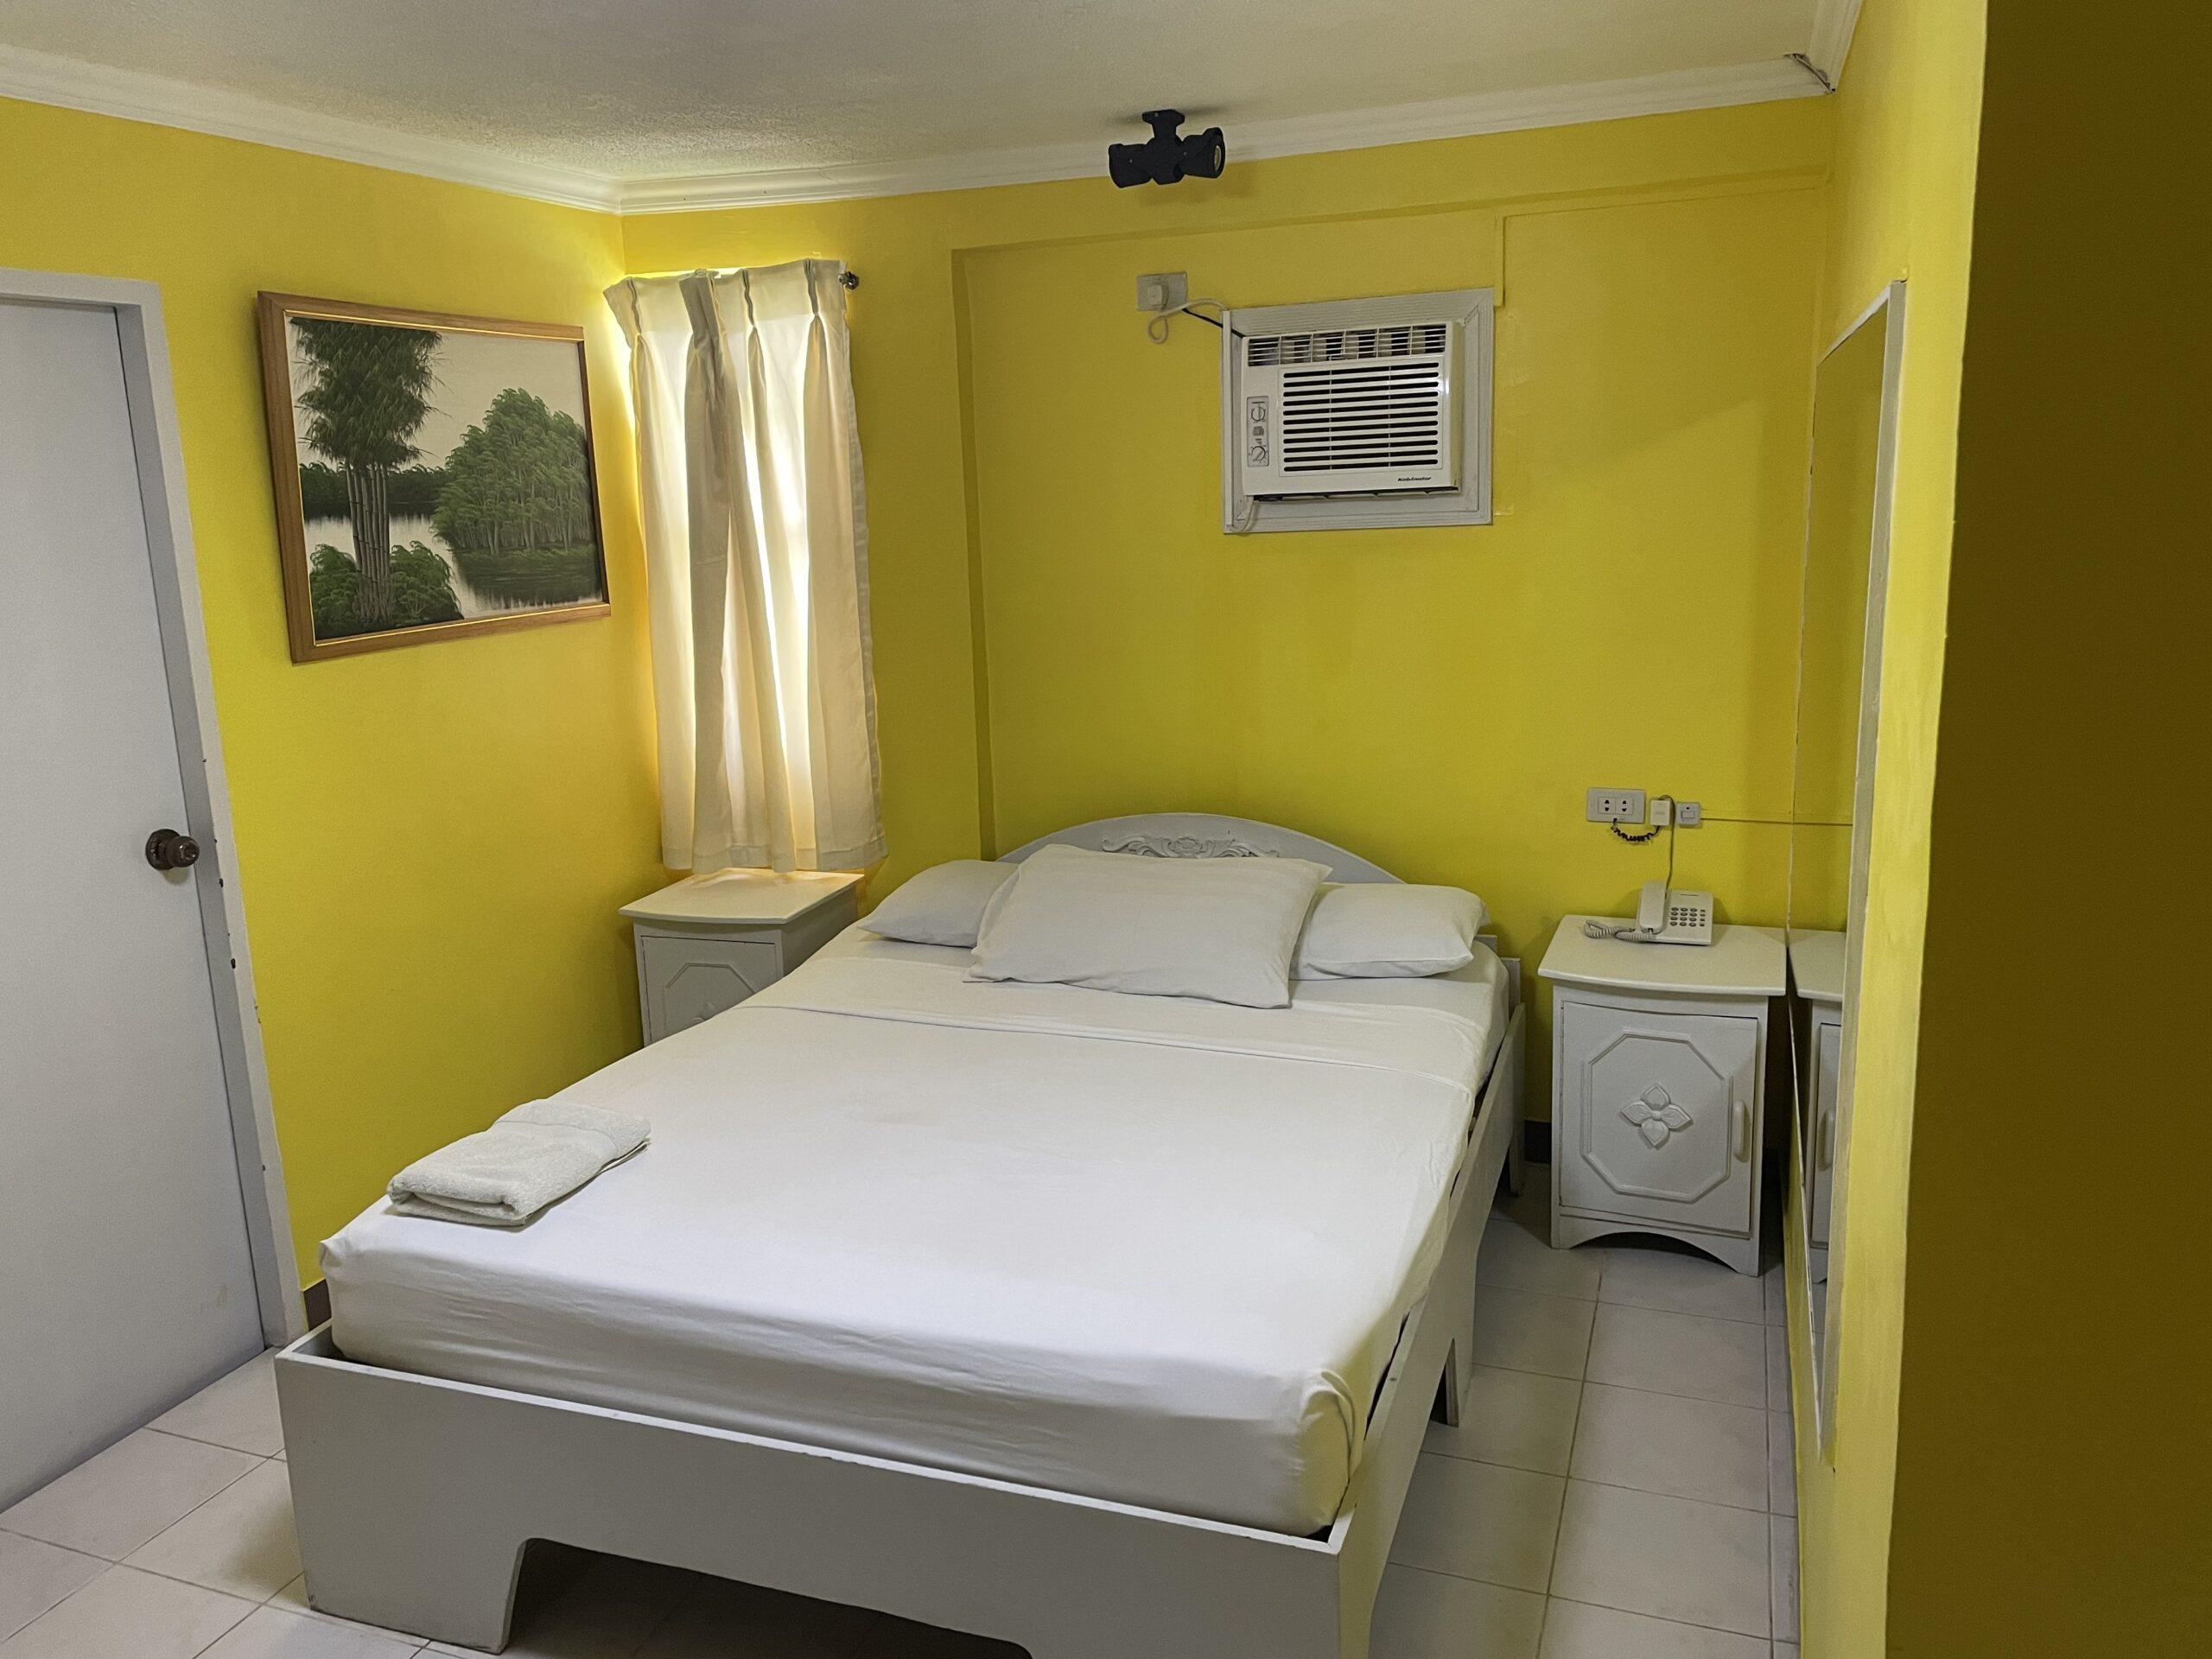 Arizona Beach Resort and Hotel - Standard Room # 15